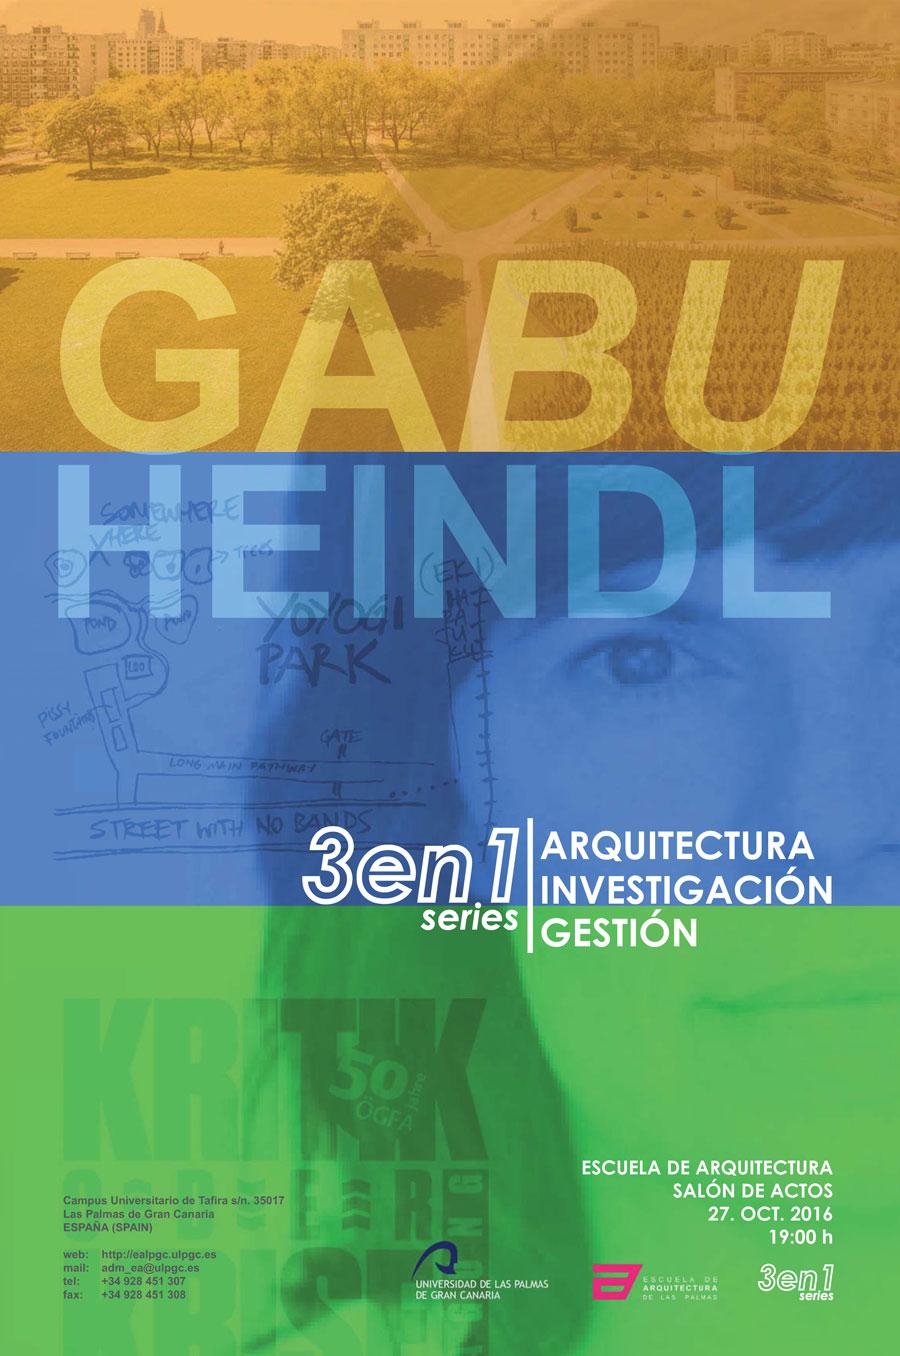 Gabu Heindl